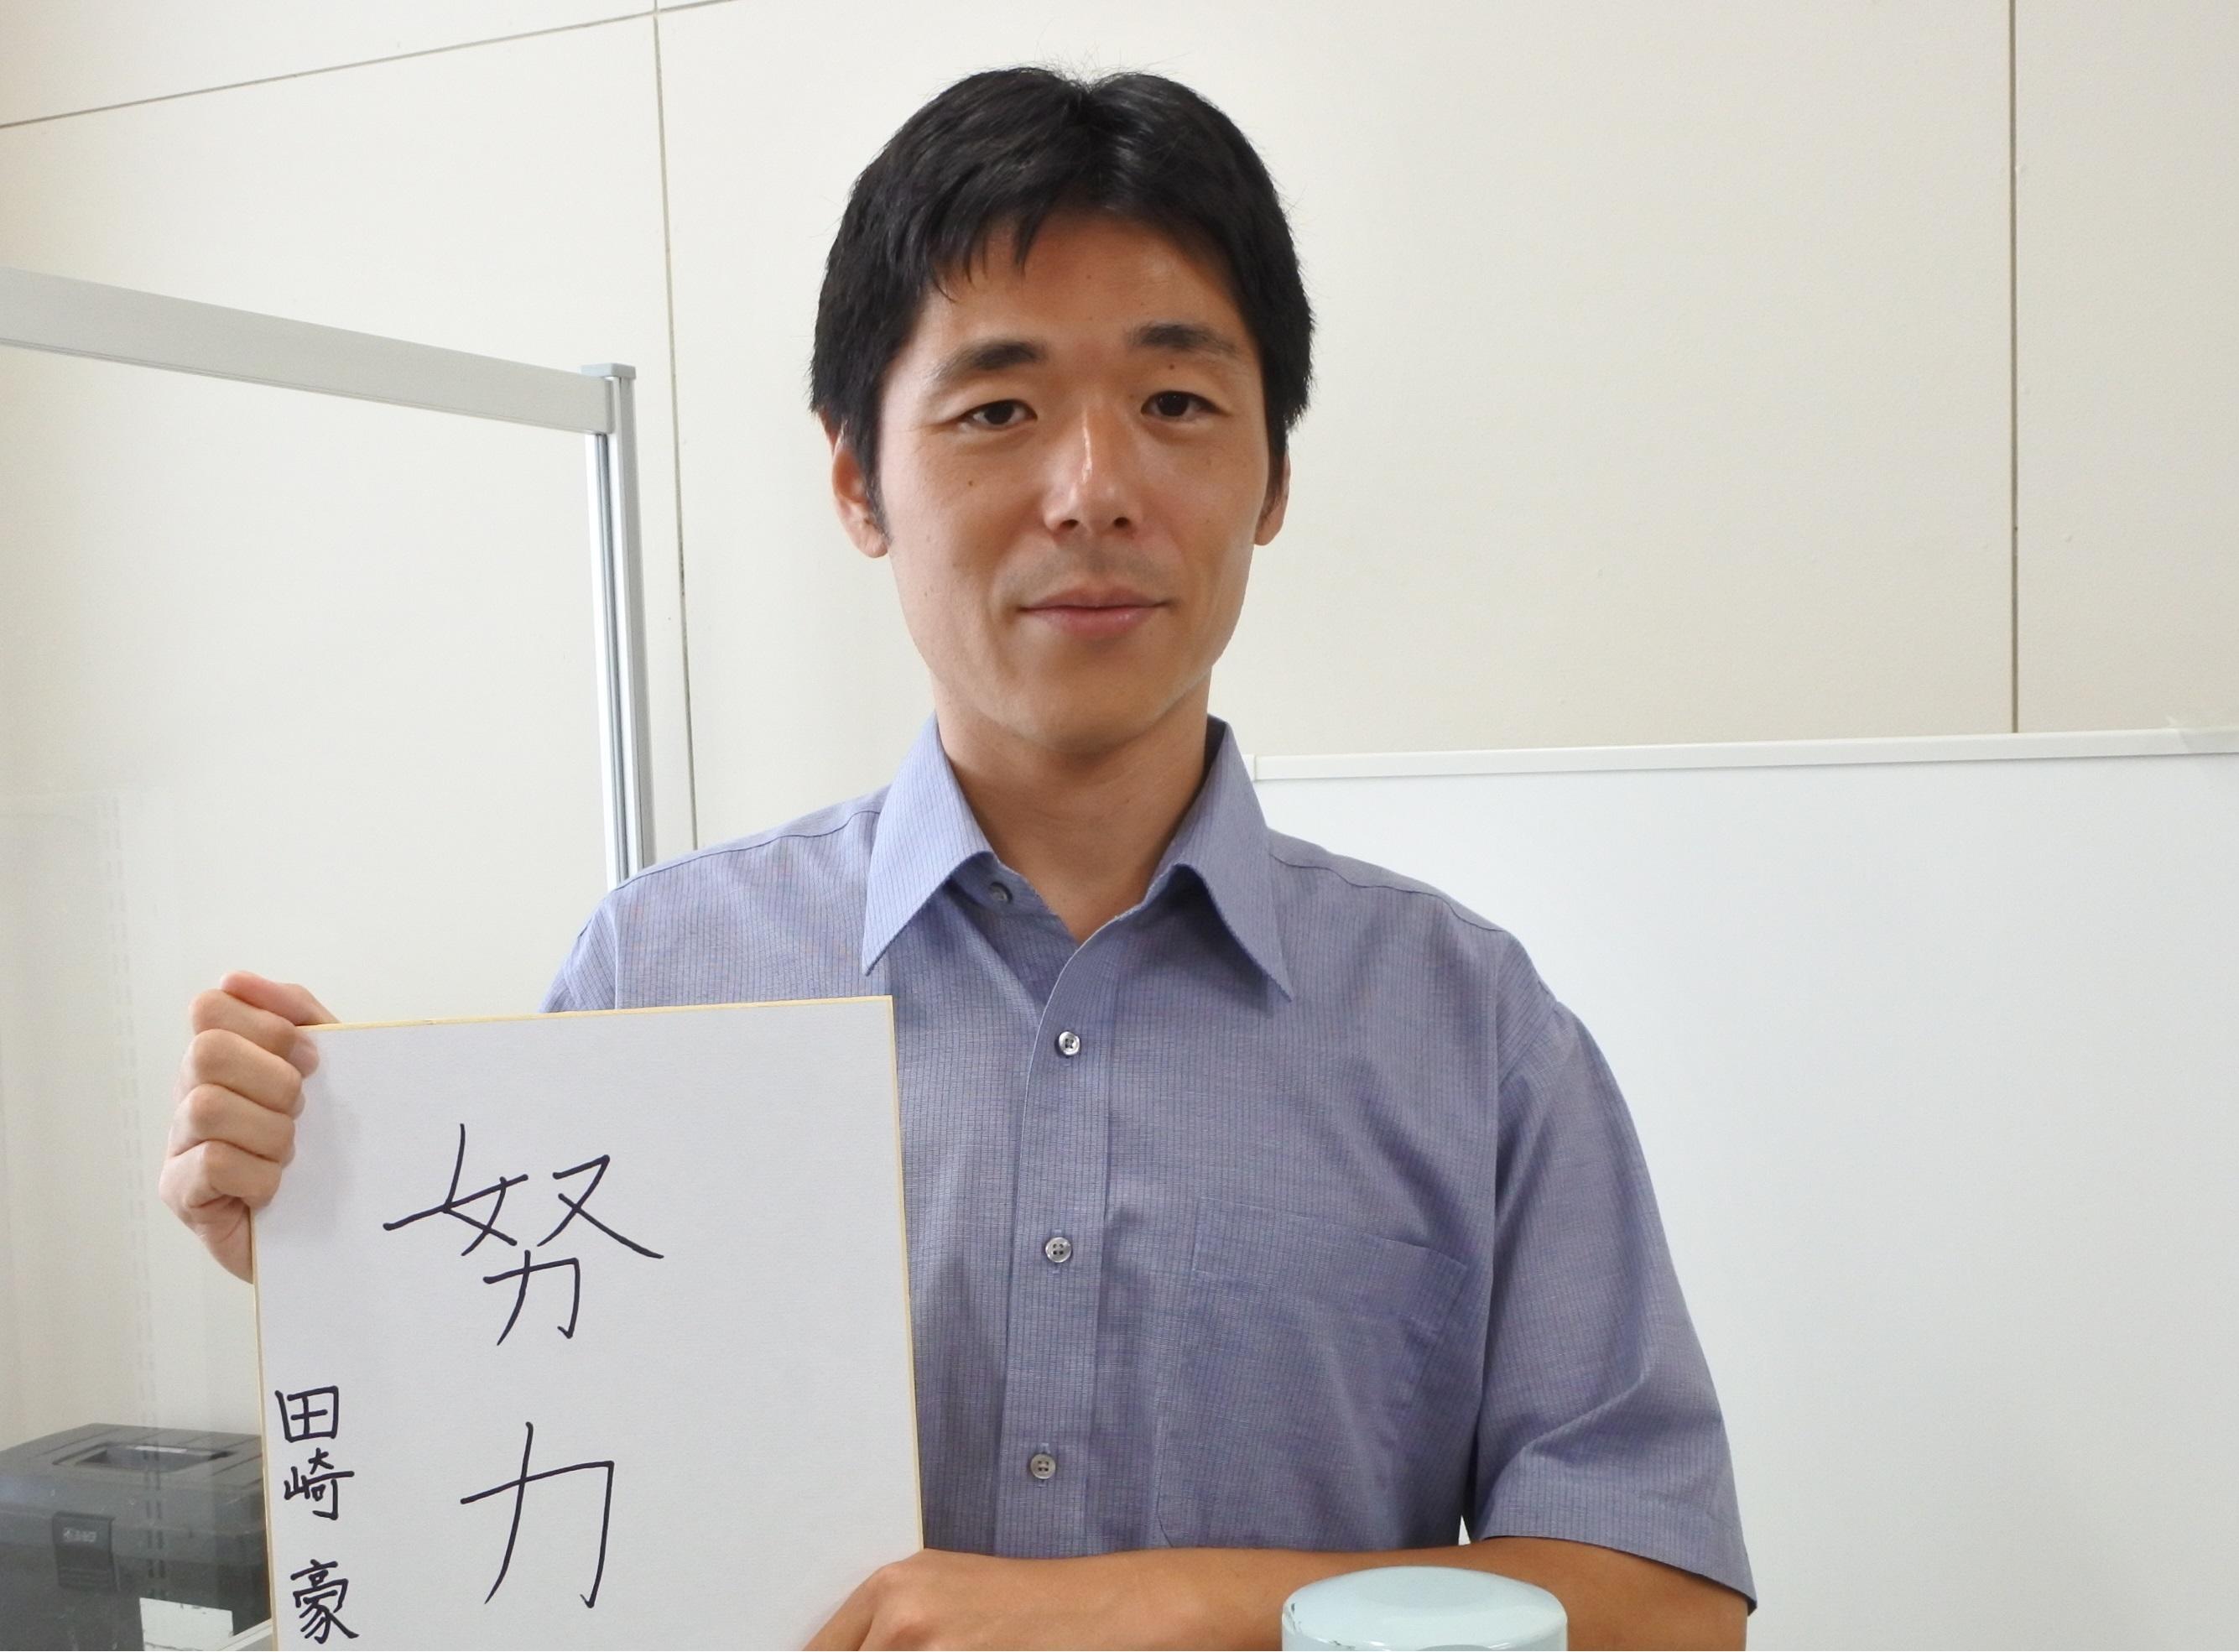 好きな言葉を色紙に書いた田崎准教授